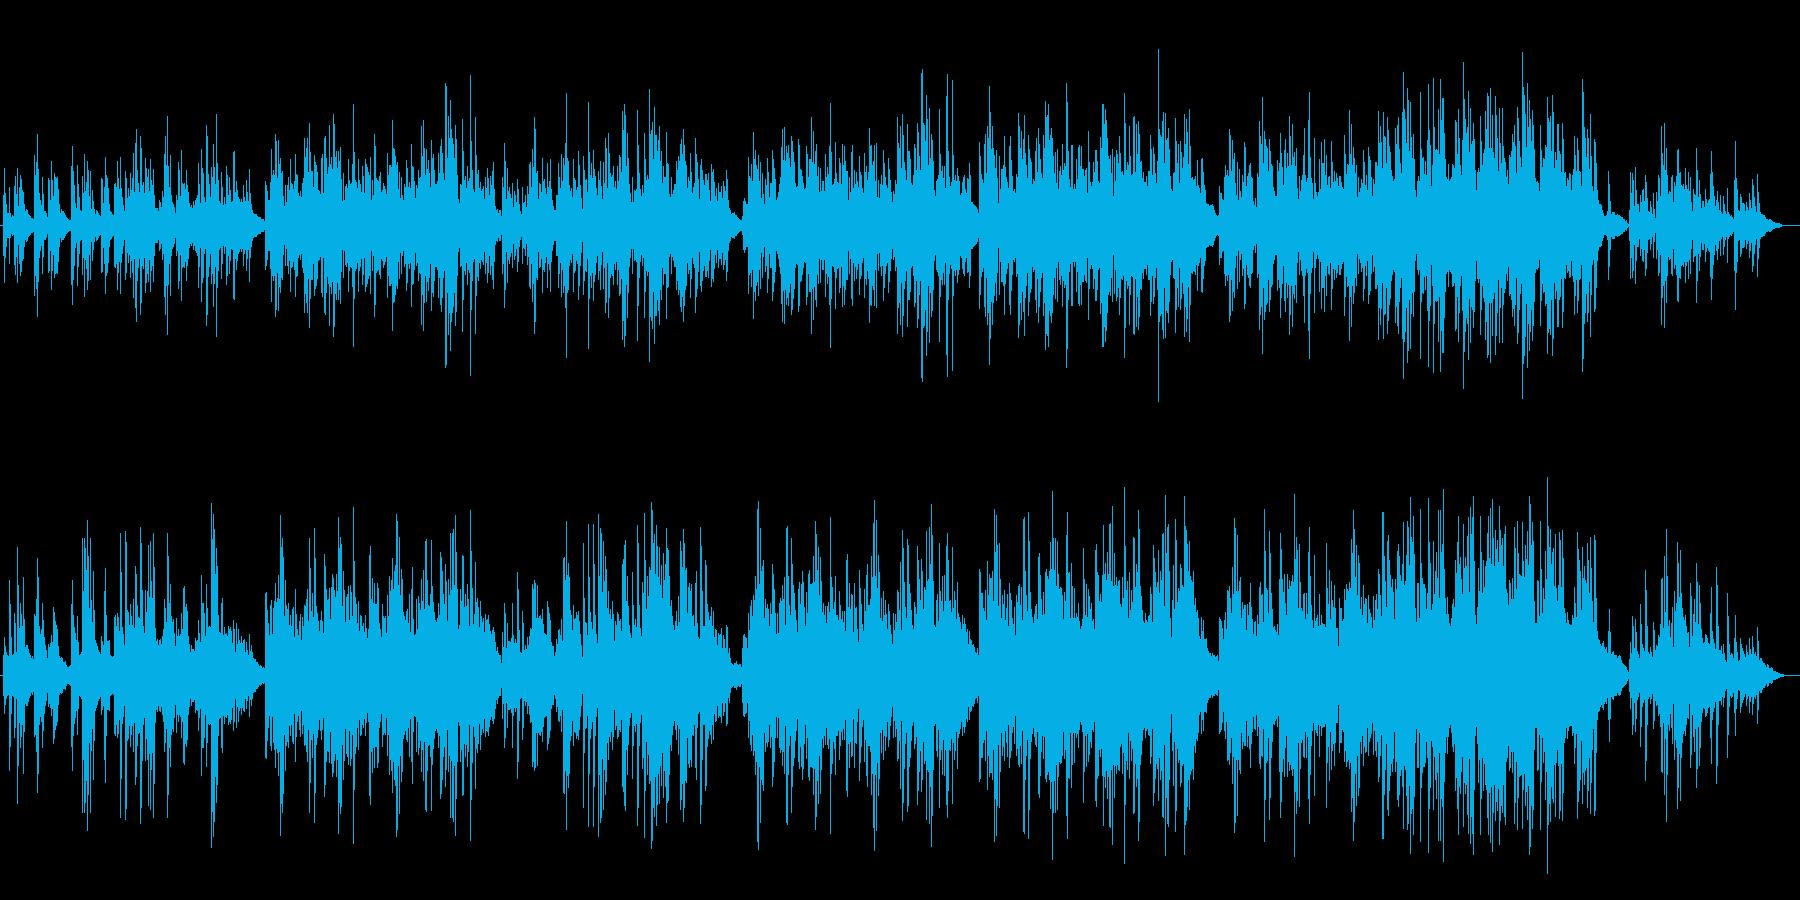 ゆったりしたピアノサウンドの再生済みの波形